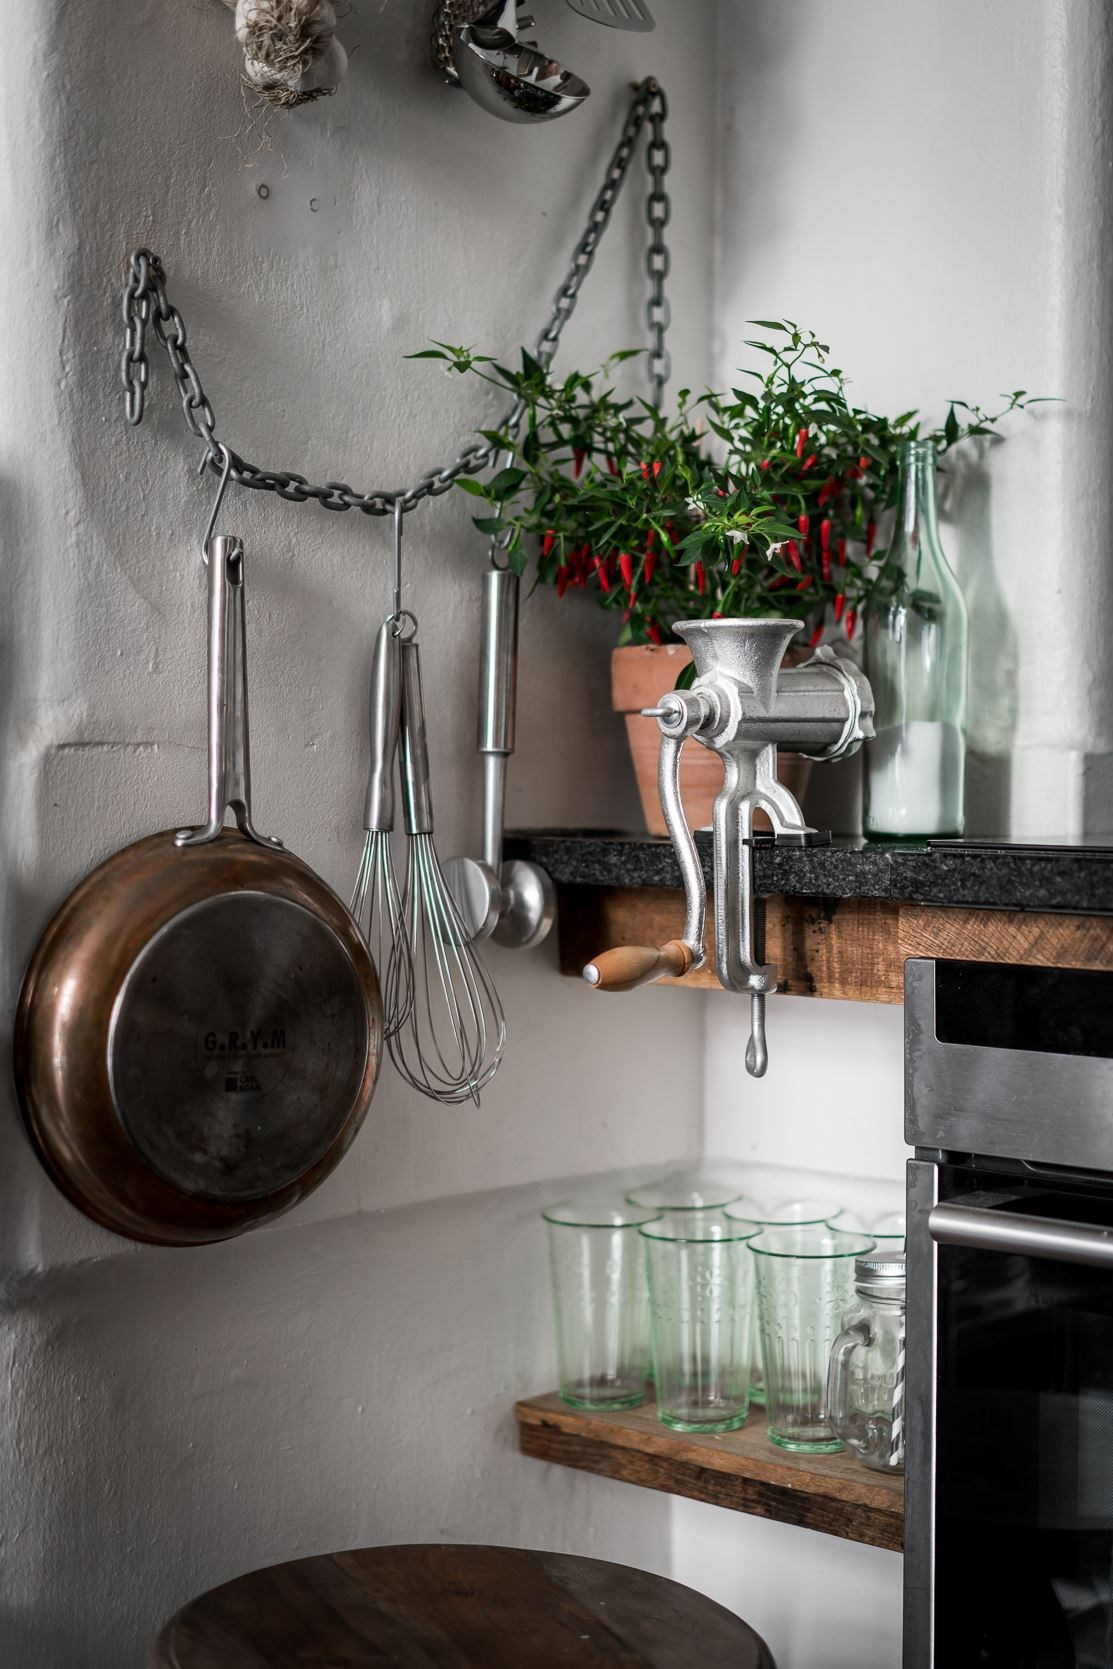 кухонная утварь полки